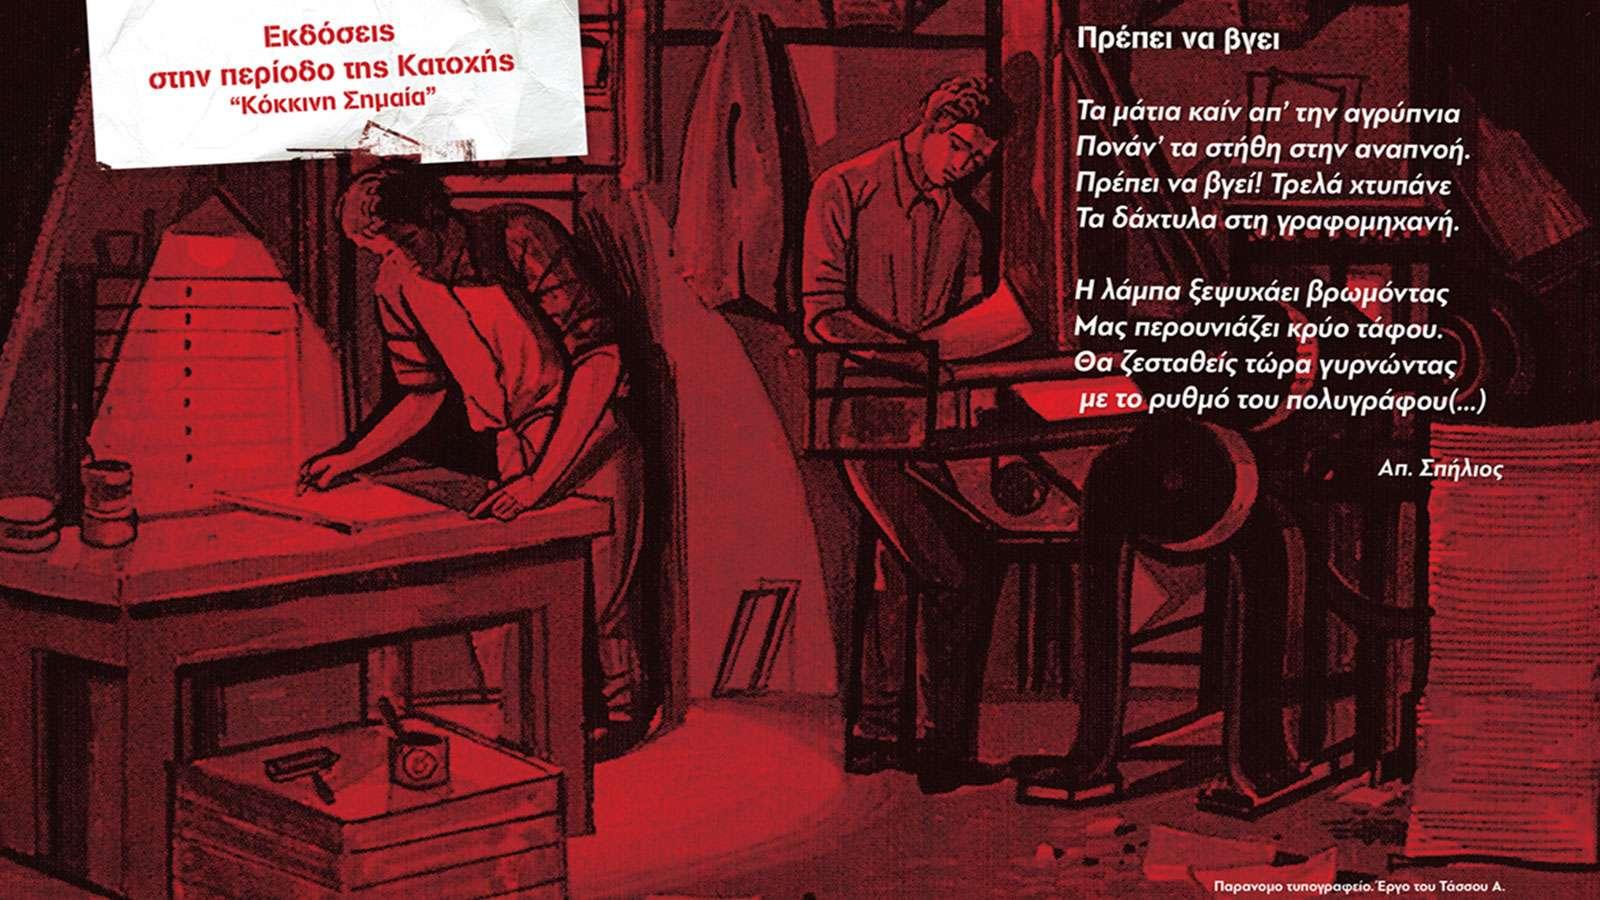 ΚΟ ΑΤΤΙΚΗΣ ΚΚΕ Ένας αιώνας δράσης μέσα από τις εκδόσεις του ΚΚΕ